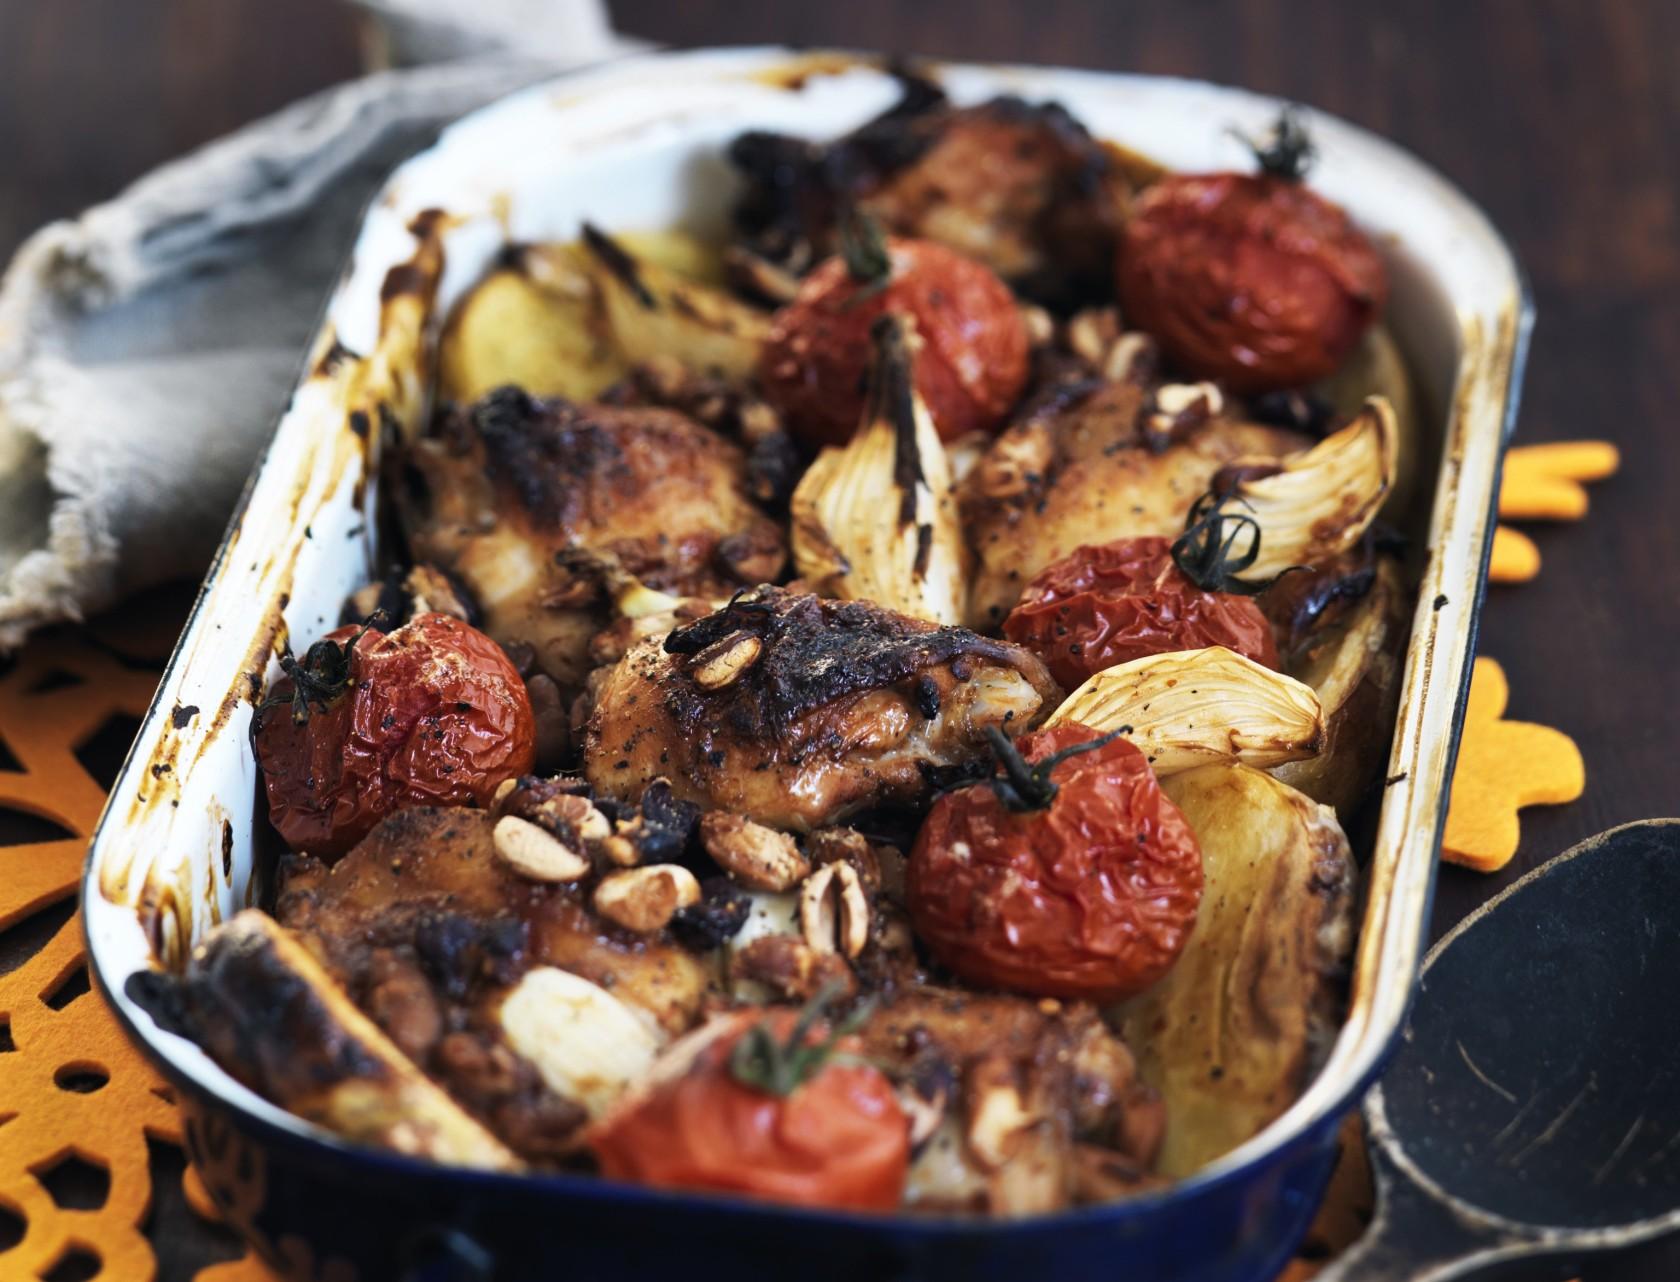 Kyllingelår med tomater og kartofler i ovn - nem og lækker opskrift!